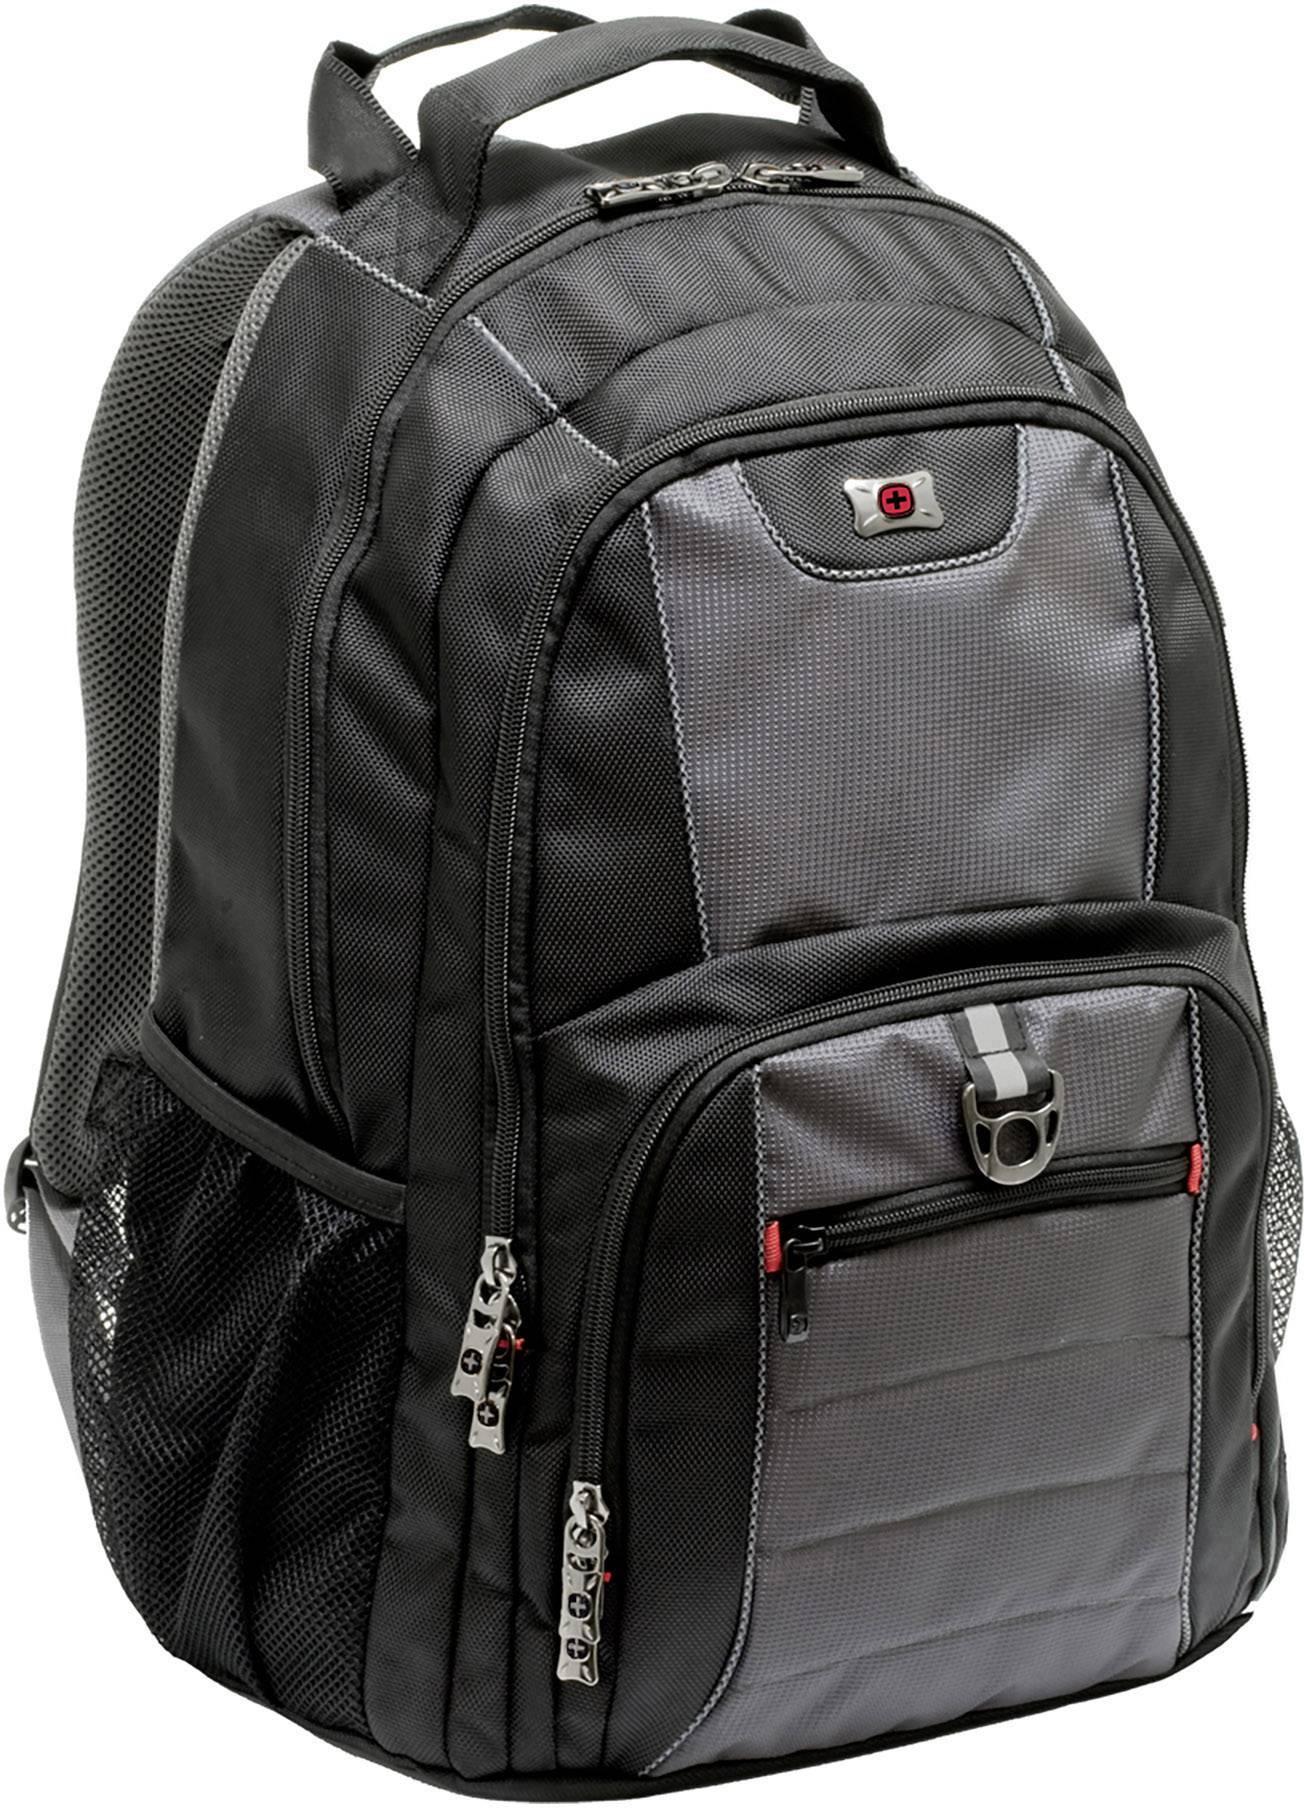 Laptop Rucksack Notebookrucksack Tasche Business /& Freizeit City Backpack *4014*